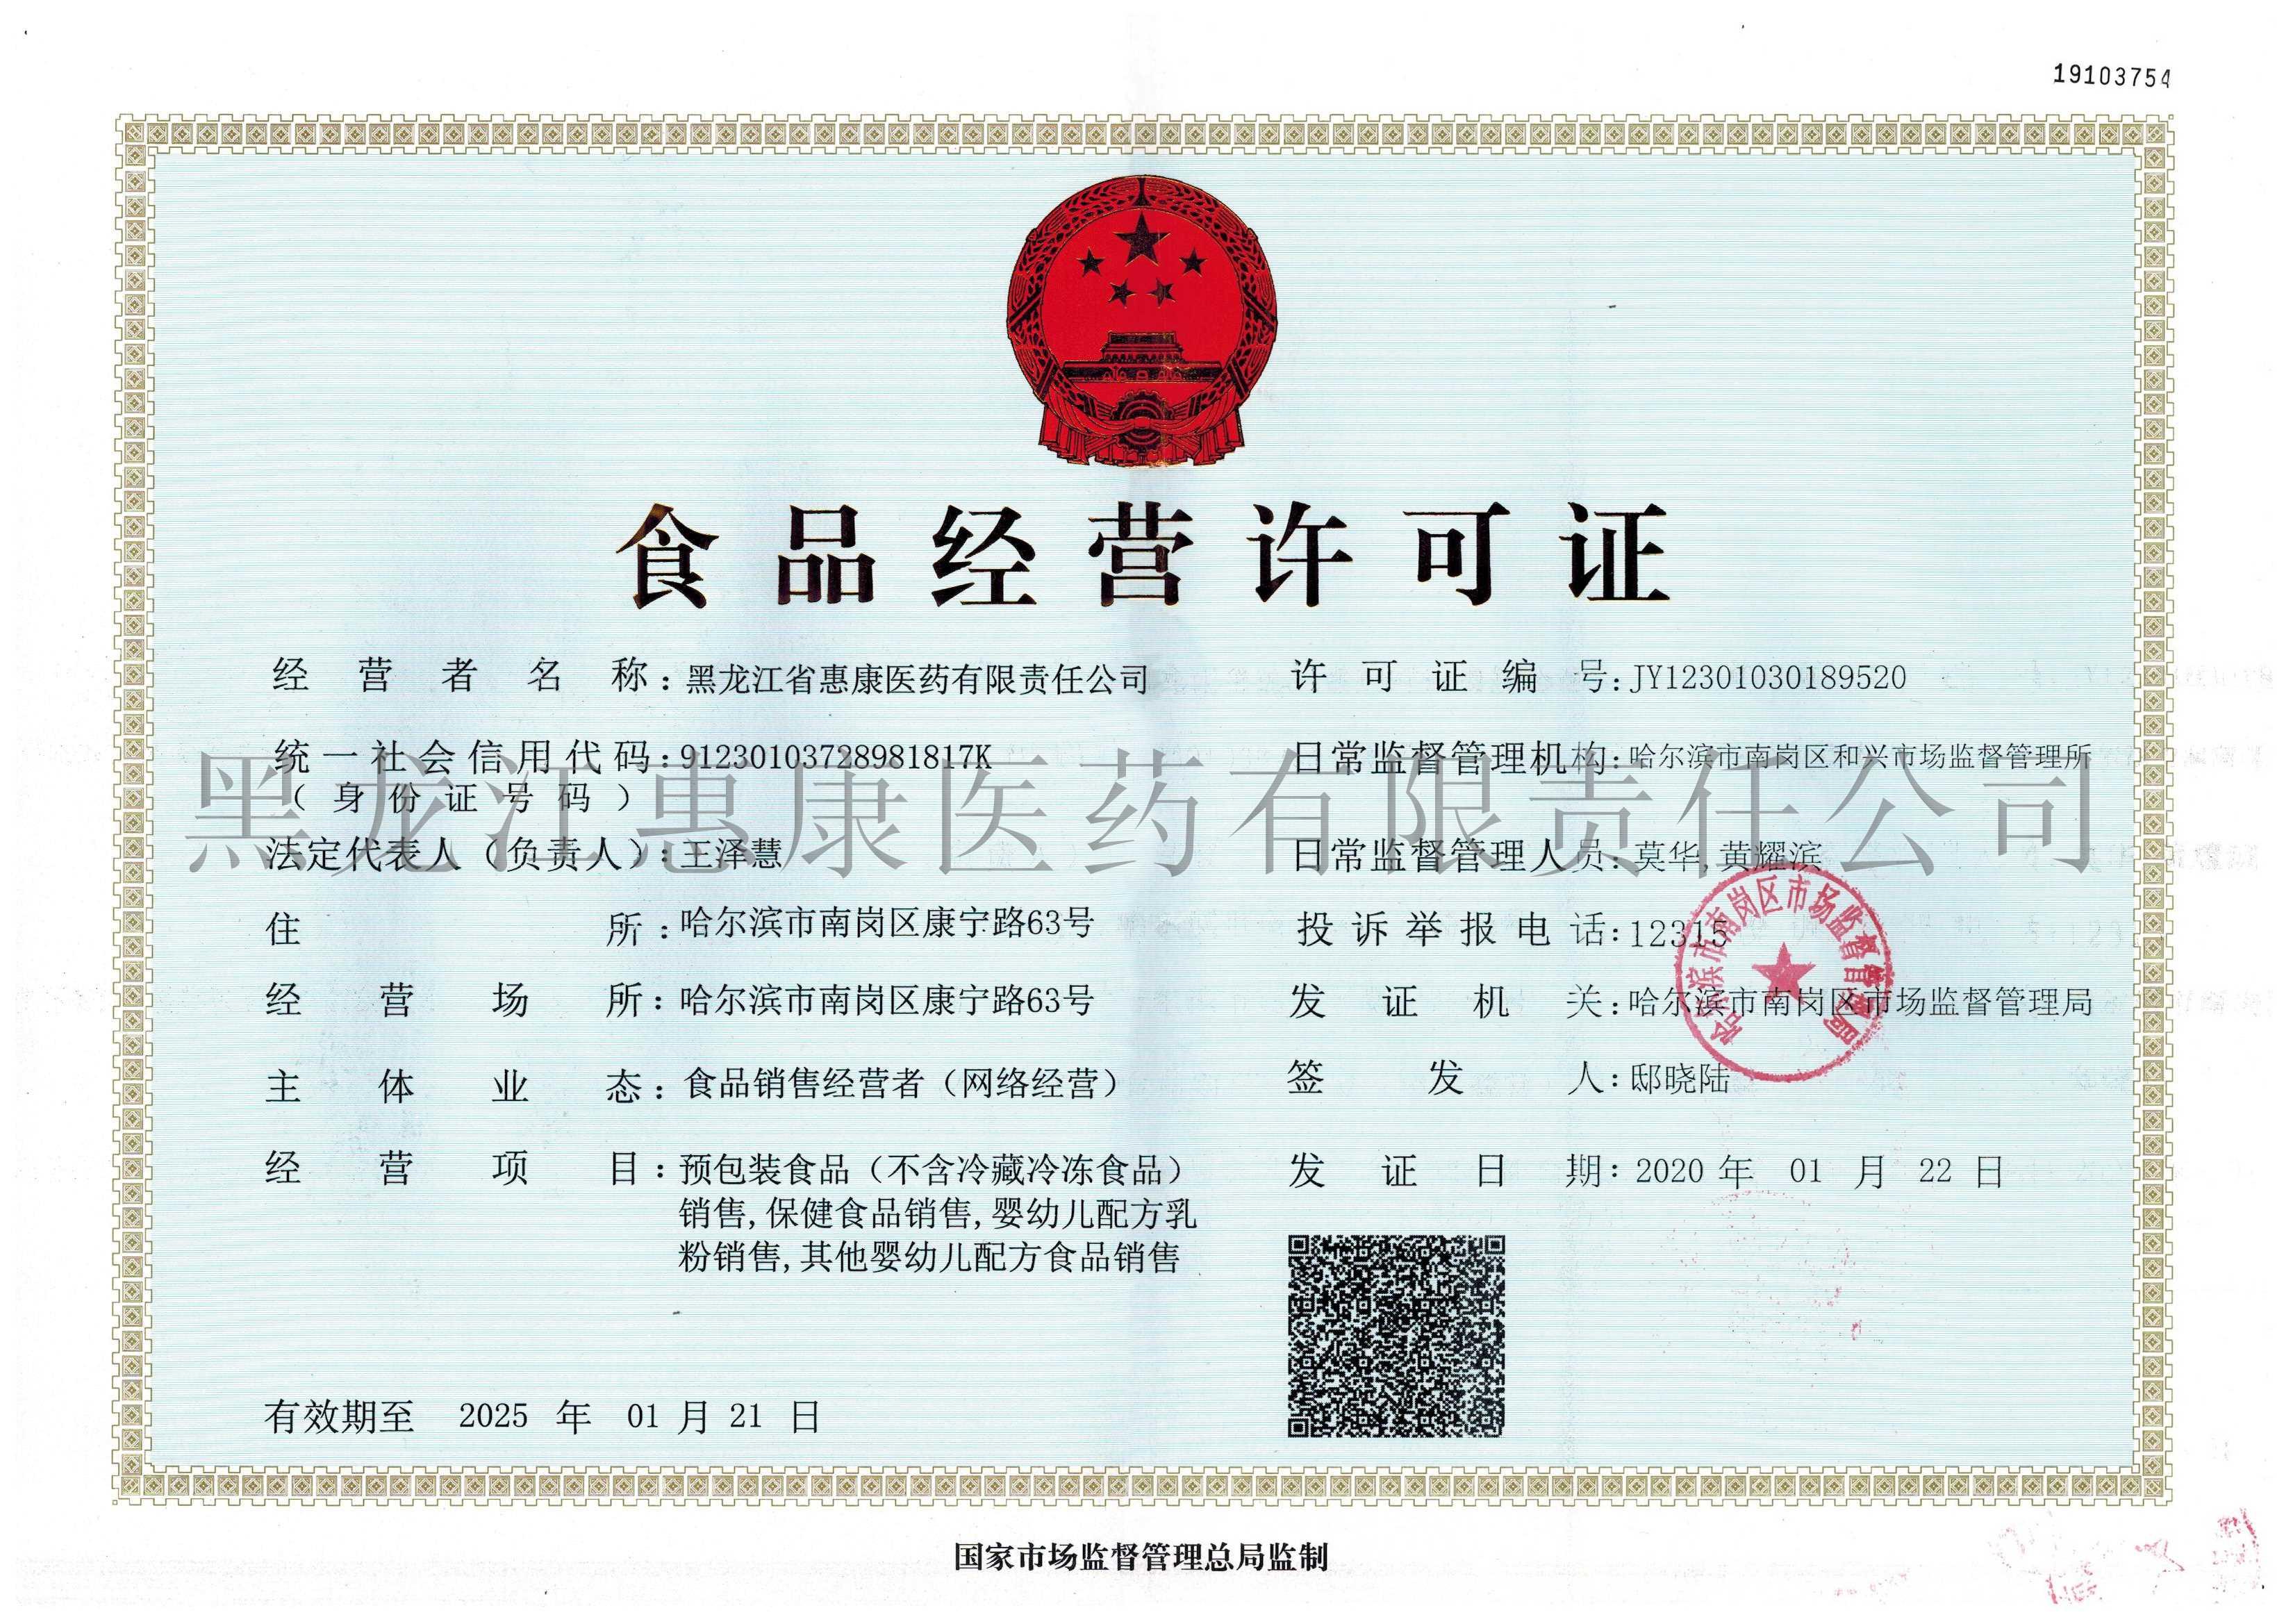 三類醫療器械經營許可證